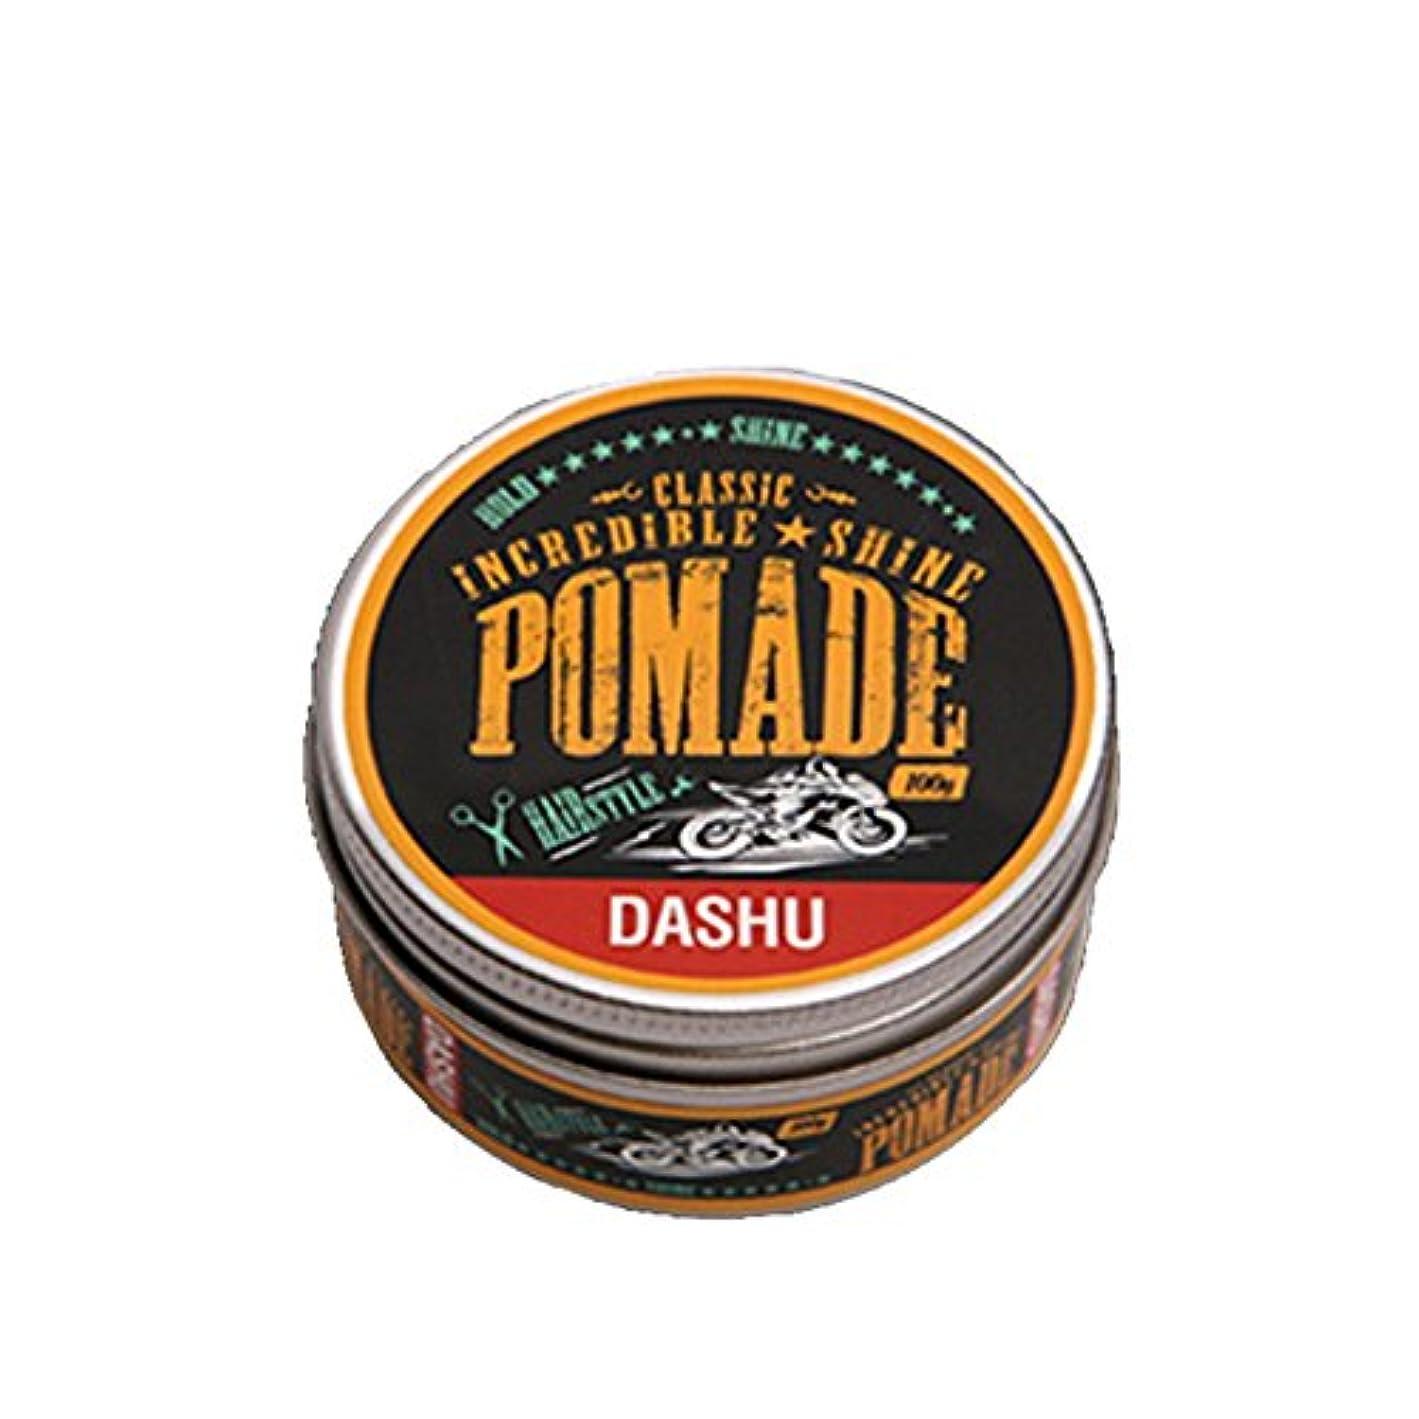 驚かす無傷残る[DASHU] ダシュ クラシック 信じられないほどの輝き ポマードワックス Classic Incredible Shine Pomade Hair Wax 100ml / 韓国製 . 韓国直送品